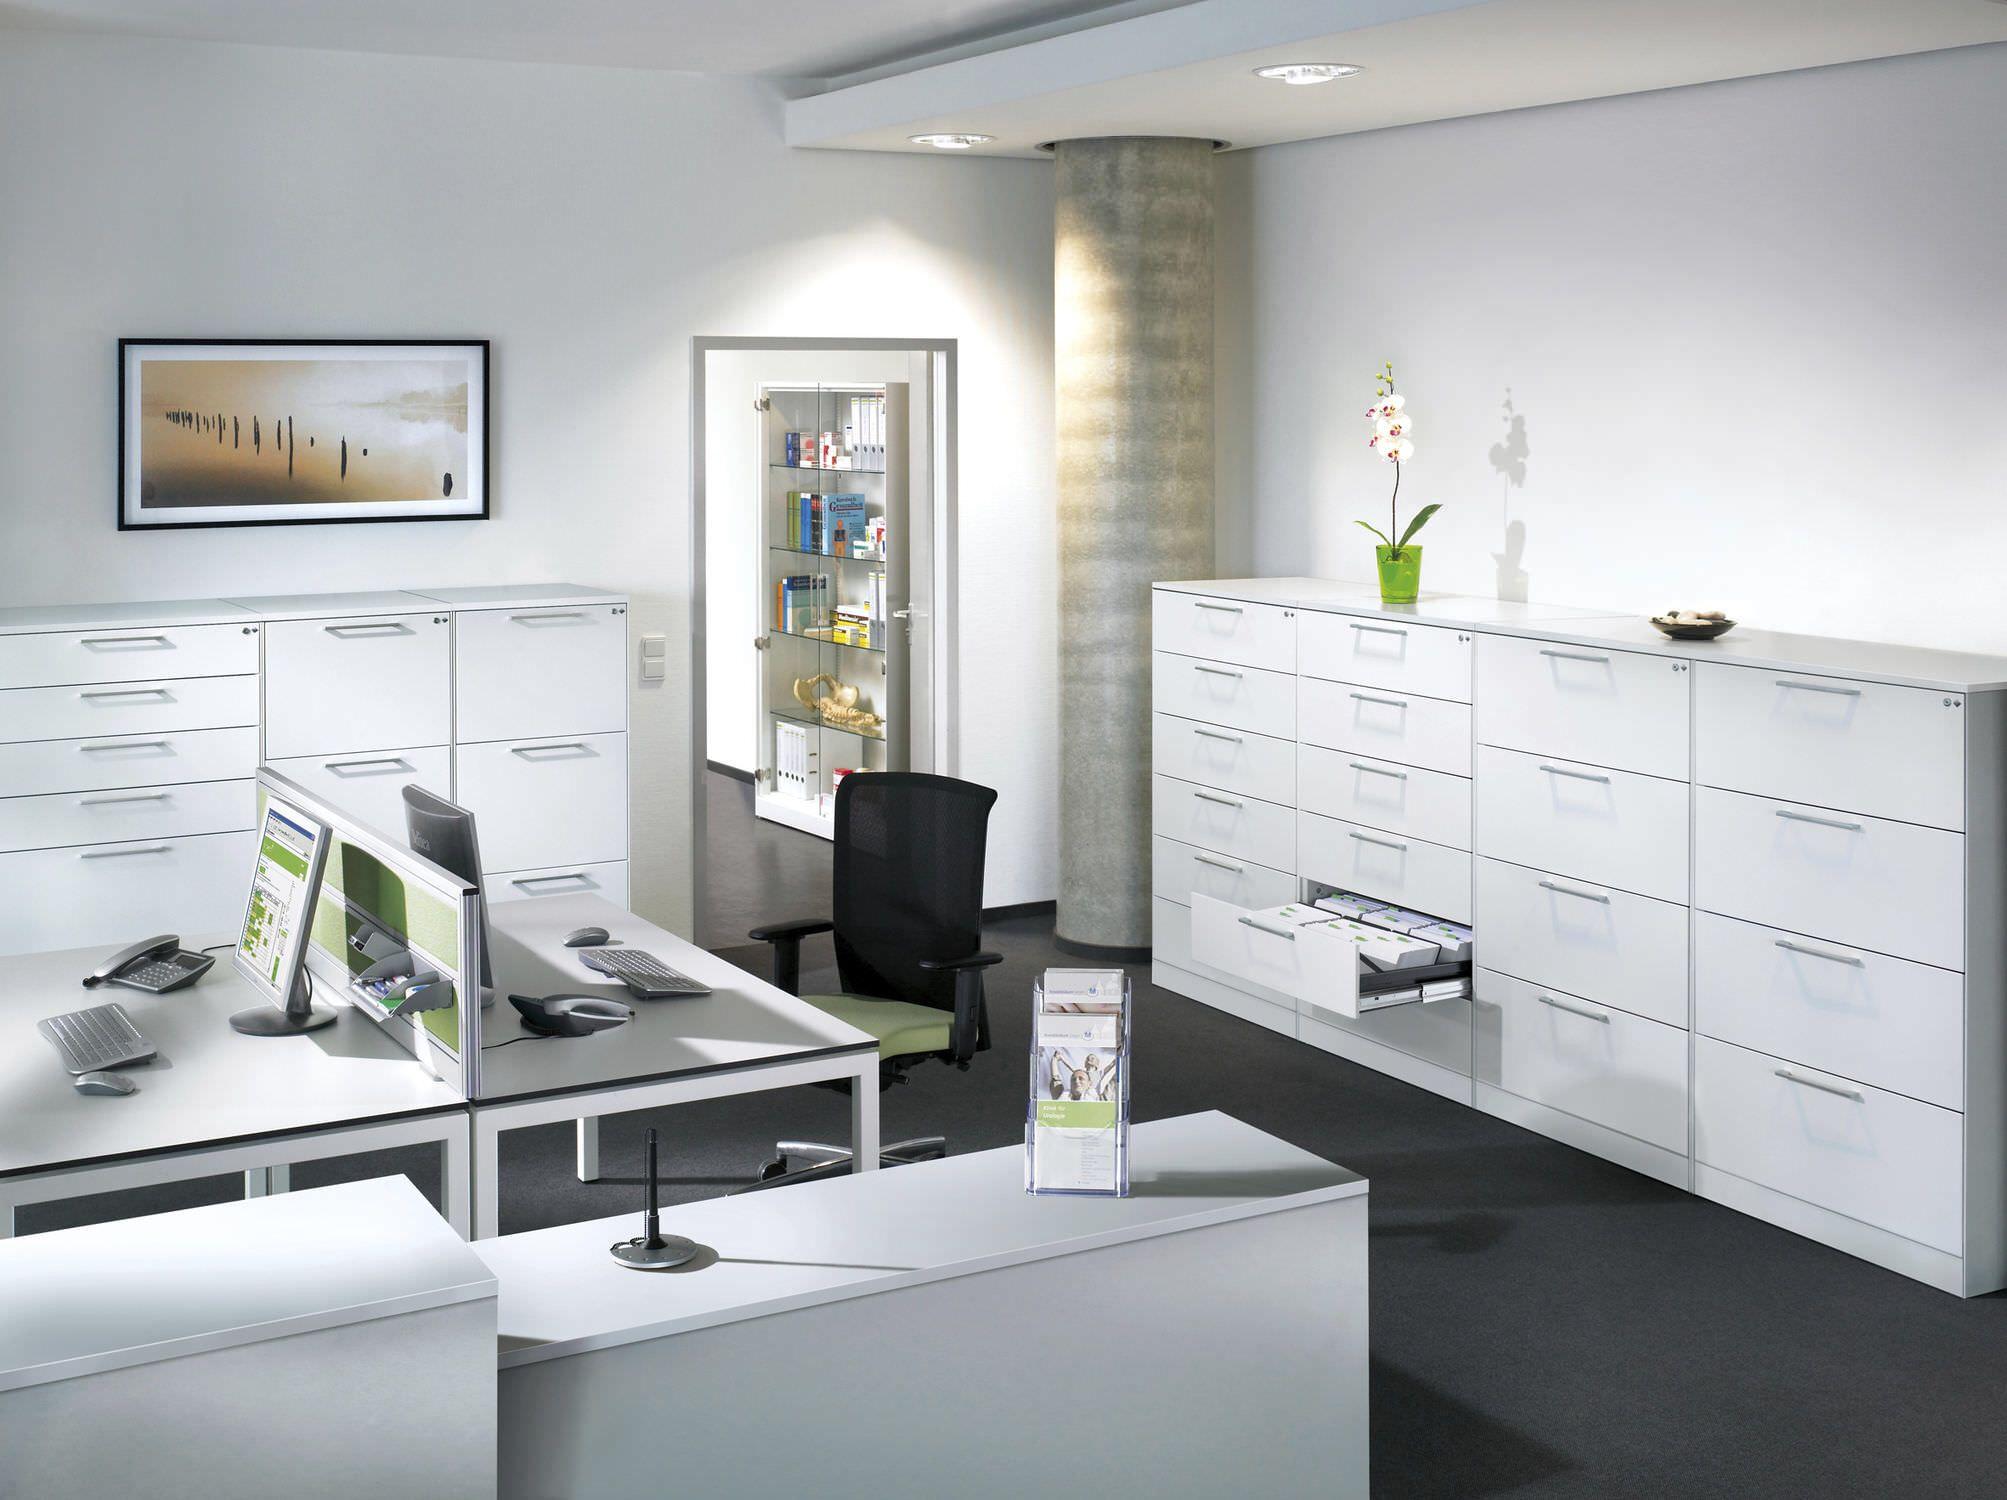 Modernes Komplettburo Mit Arbeitsplatzen Und Ablage Gerne Planen